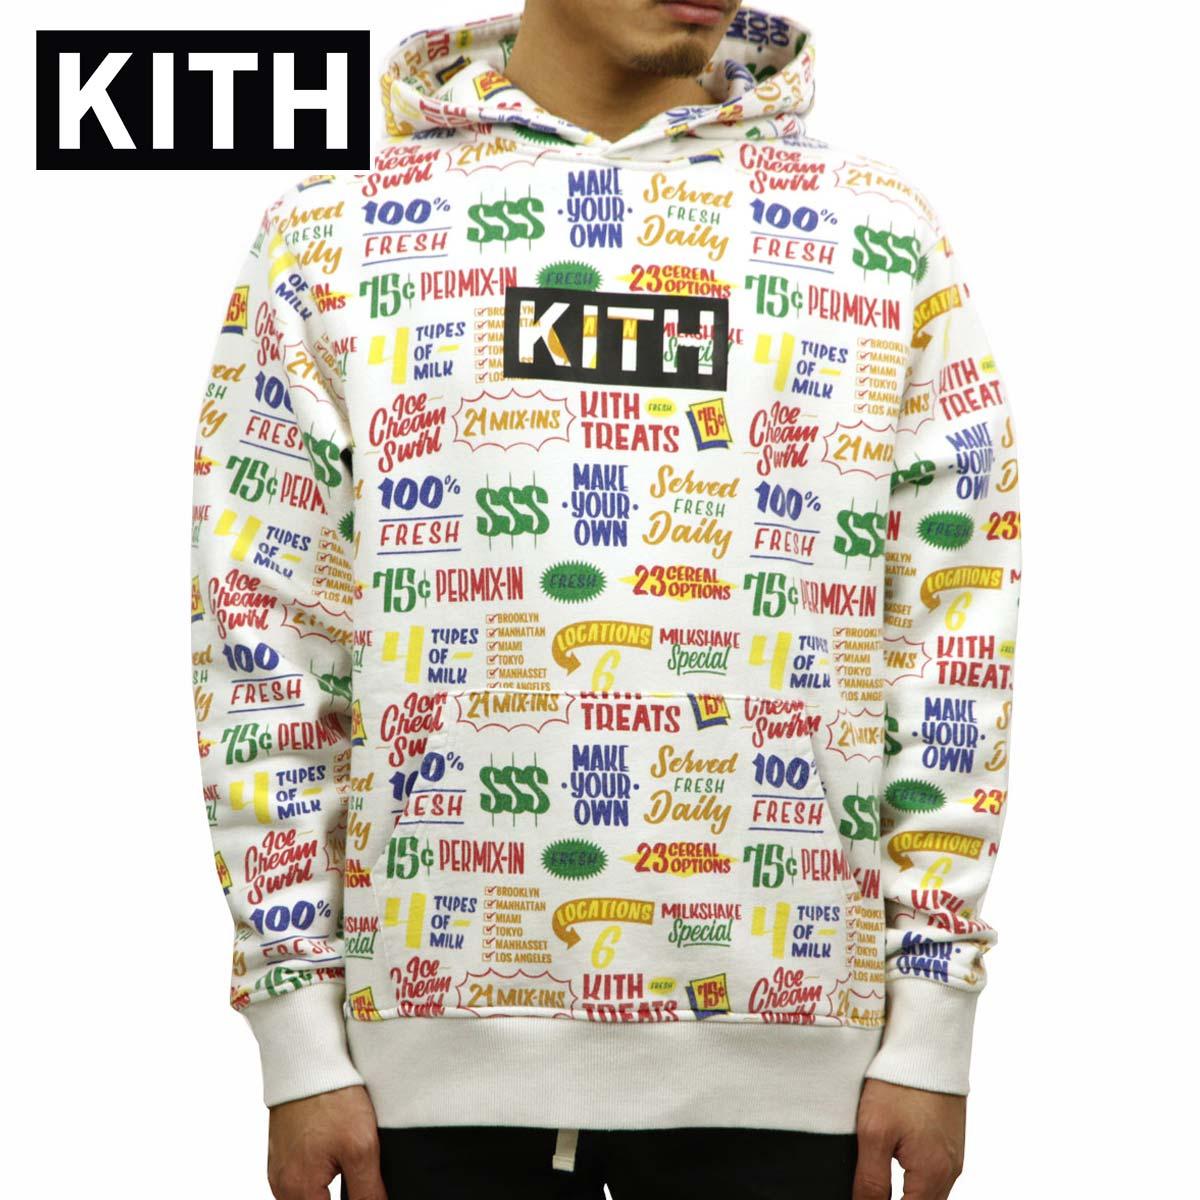 キス KITH 正規品 メンズ プルオーバーパーカー KITH TREATS CIRCULAR HOODIE KH2243-101 WHITE